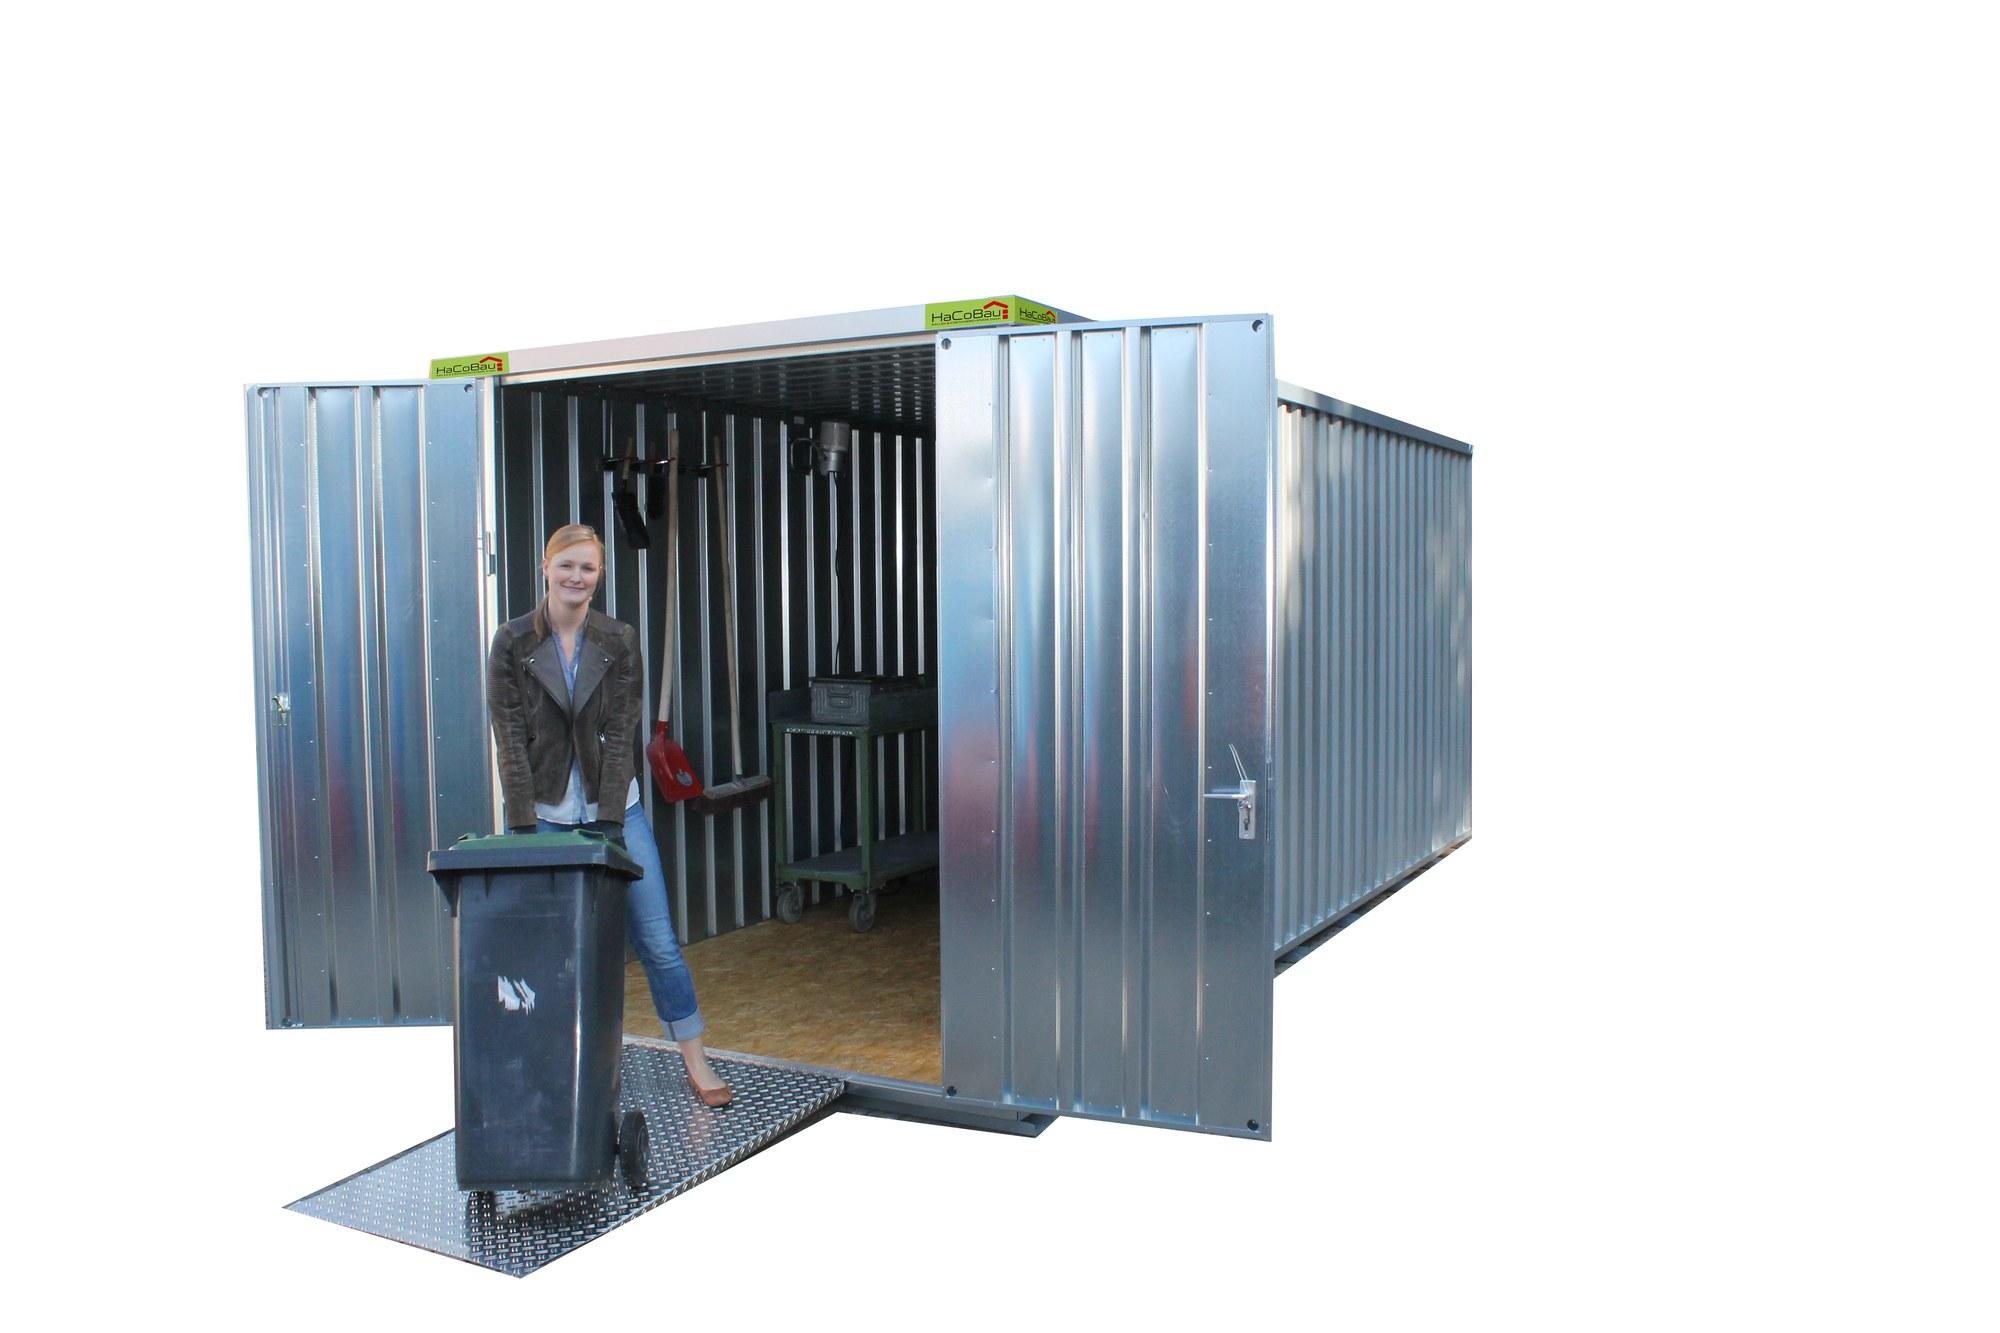 lagercontainer kaufen lagercontainer schnellbaucontainer produkte hacobau hallen und